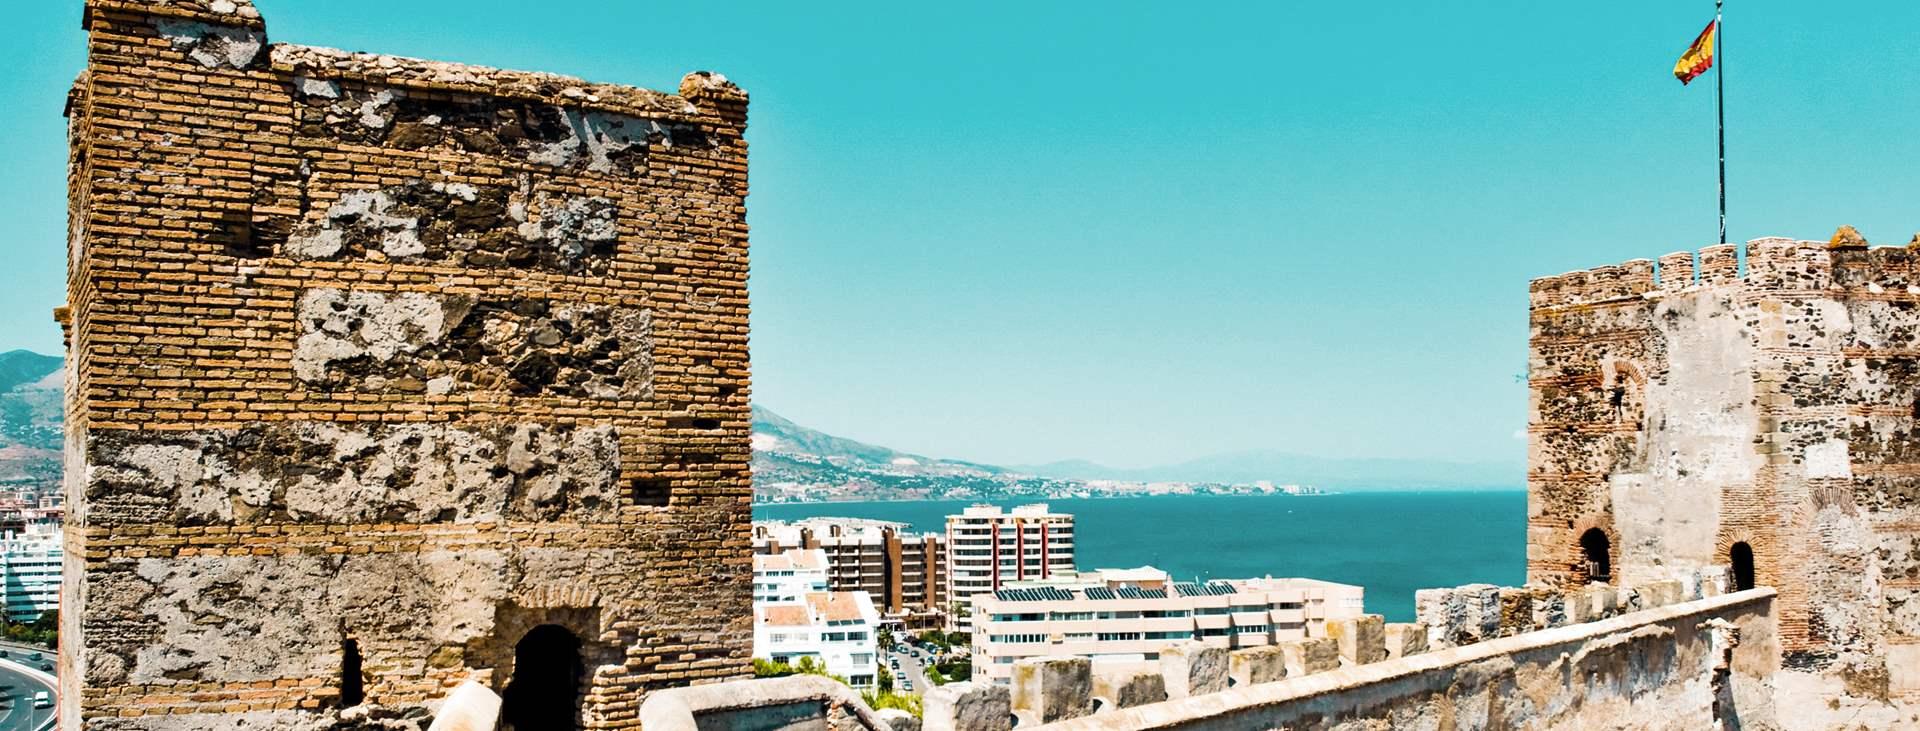 Bestill en reise med Ving til Fuengirola i Spania